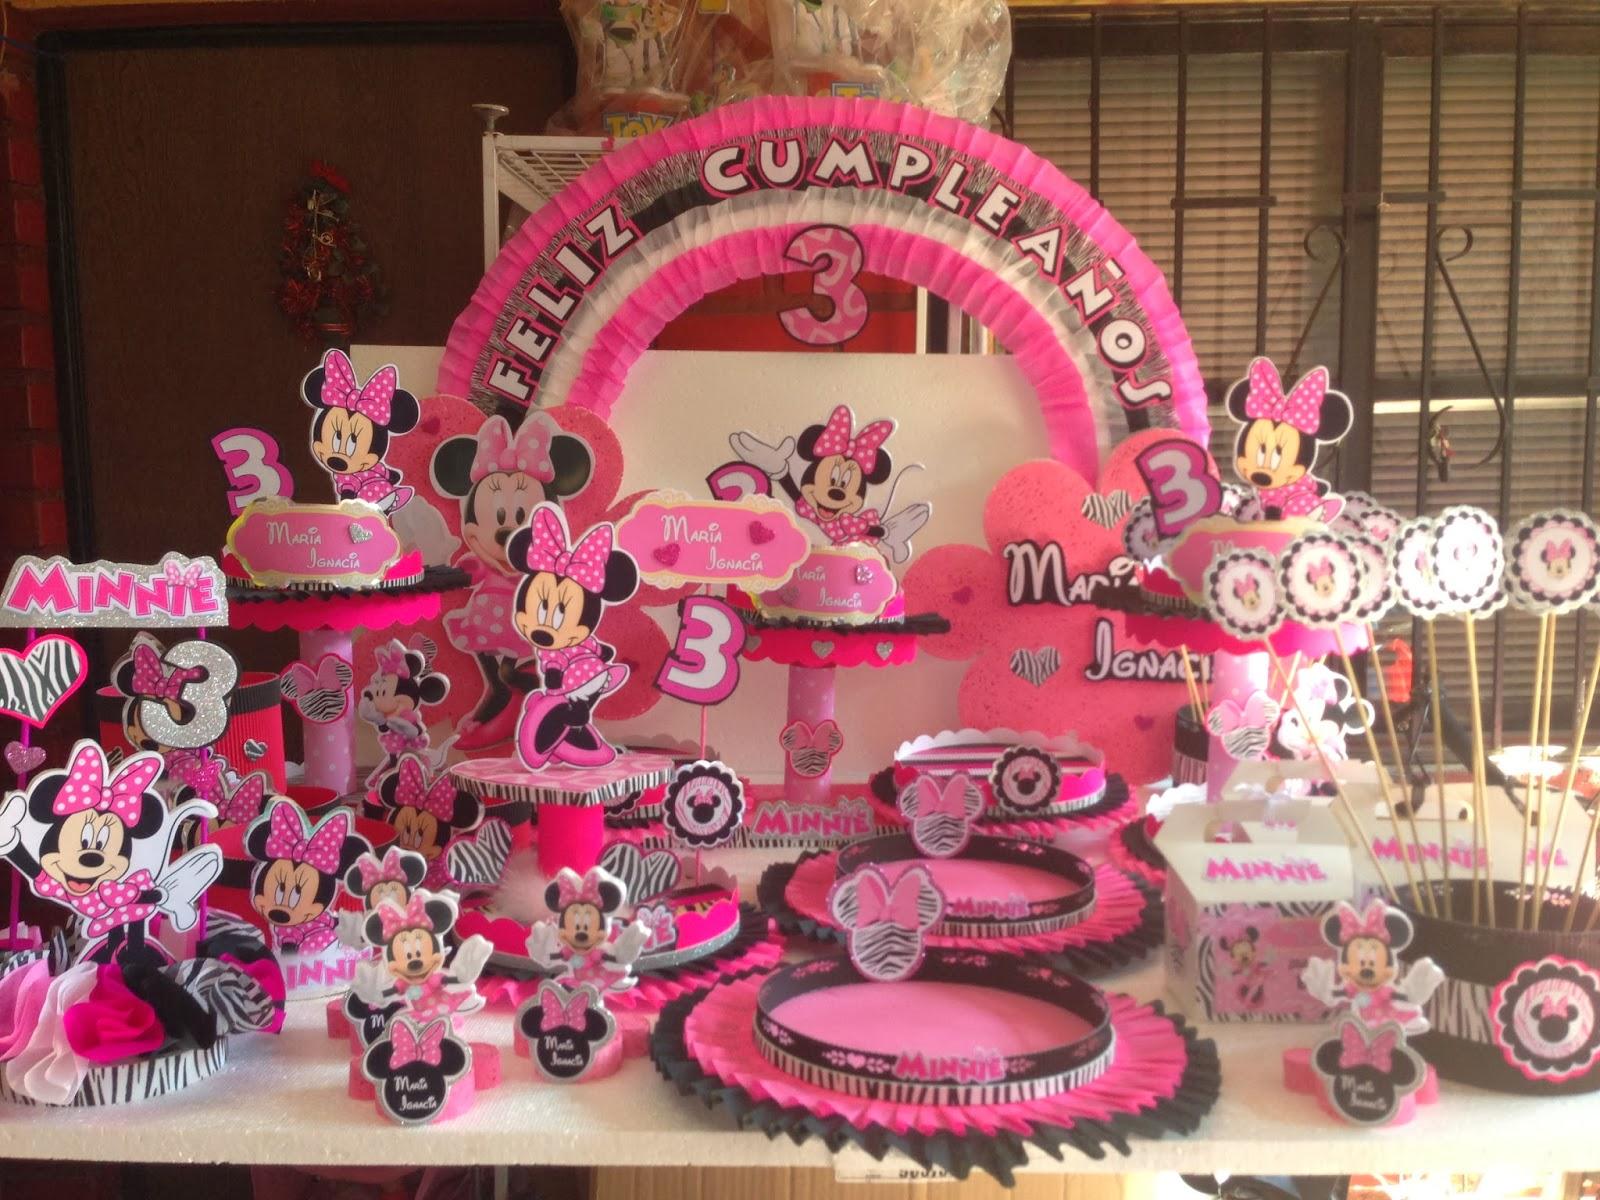 Decoraciones infantiles minnie animal print for Decoraciones infantiles